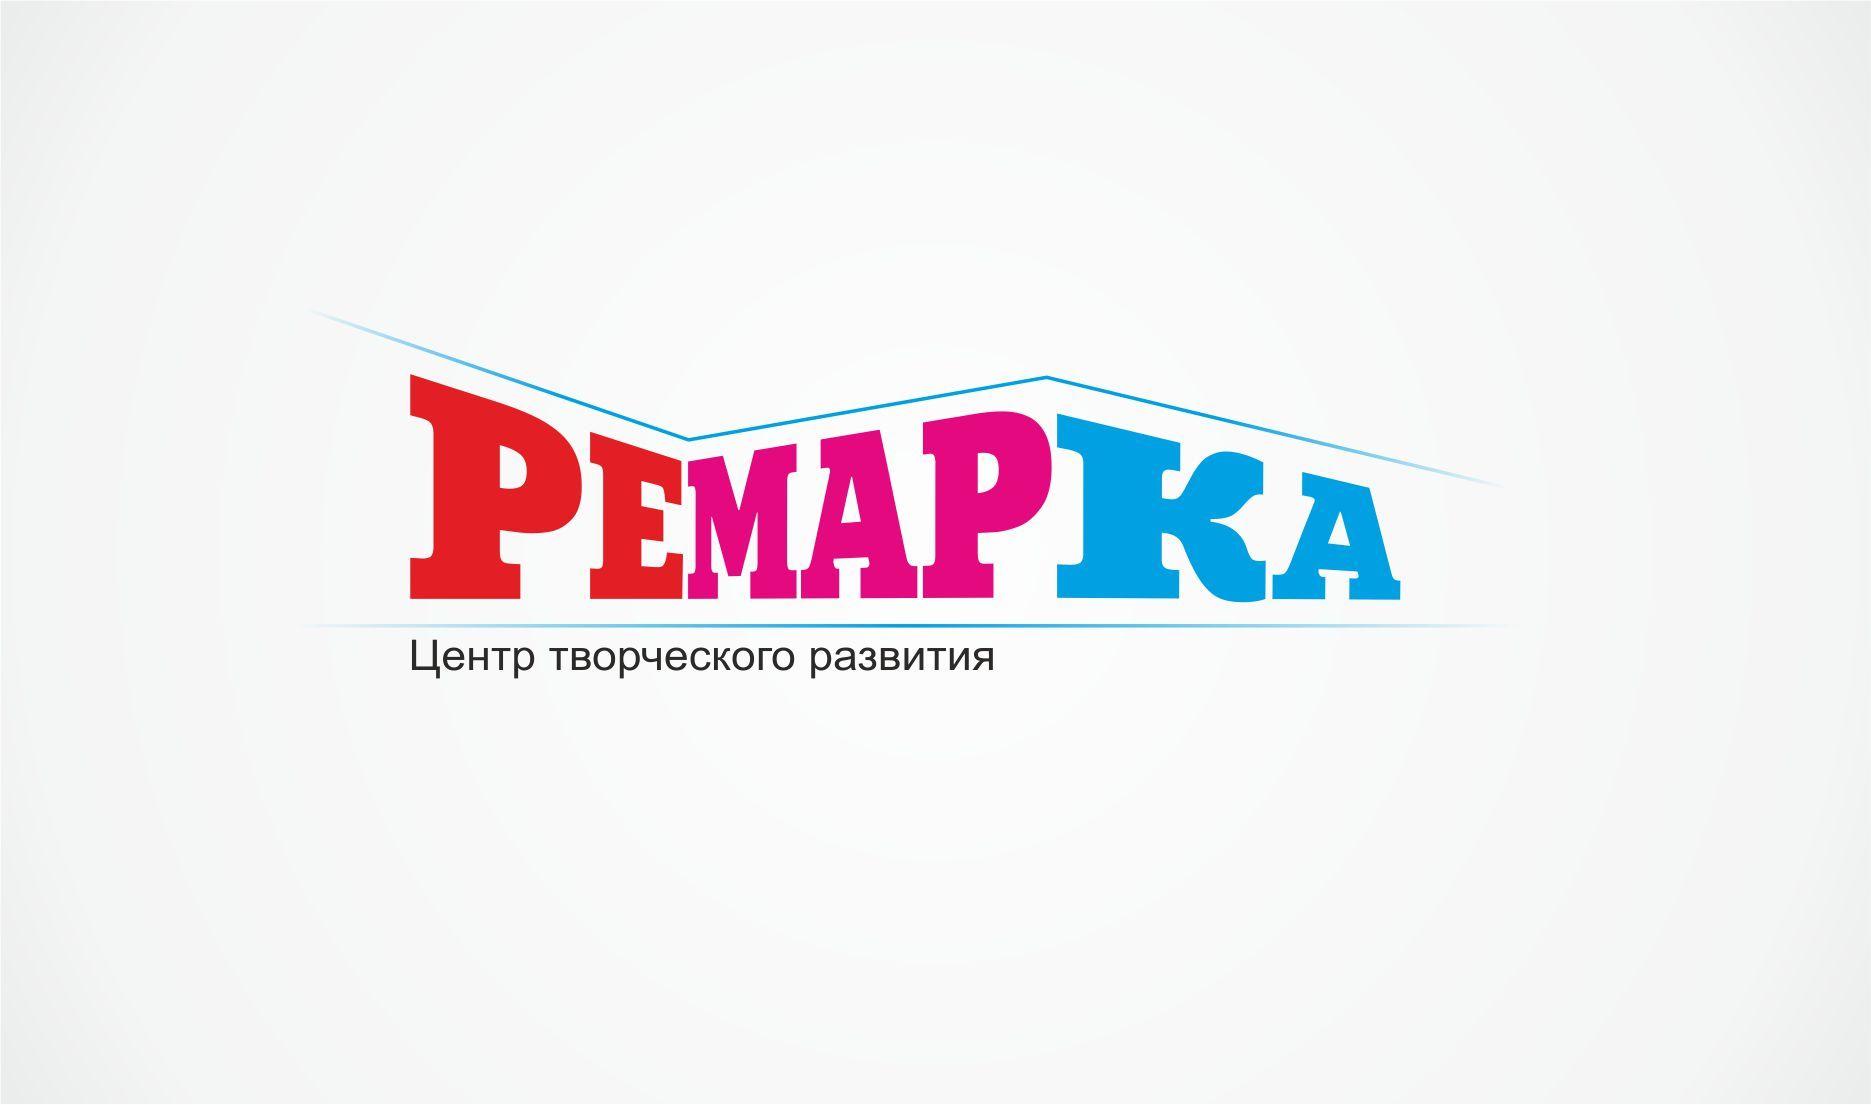 Фирменный стиль для центра развития Ремарка - дизайнер sinchatiy